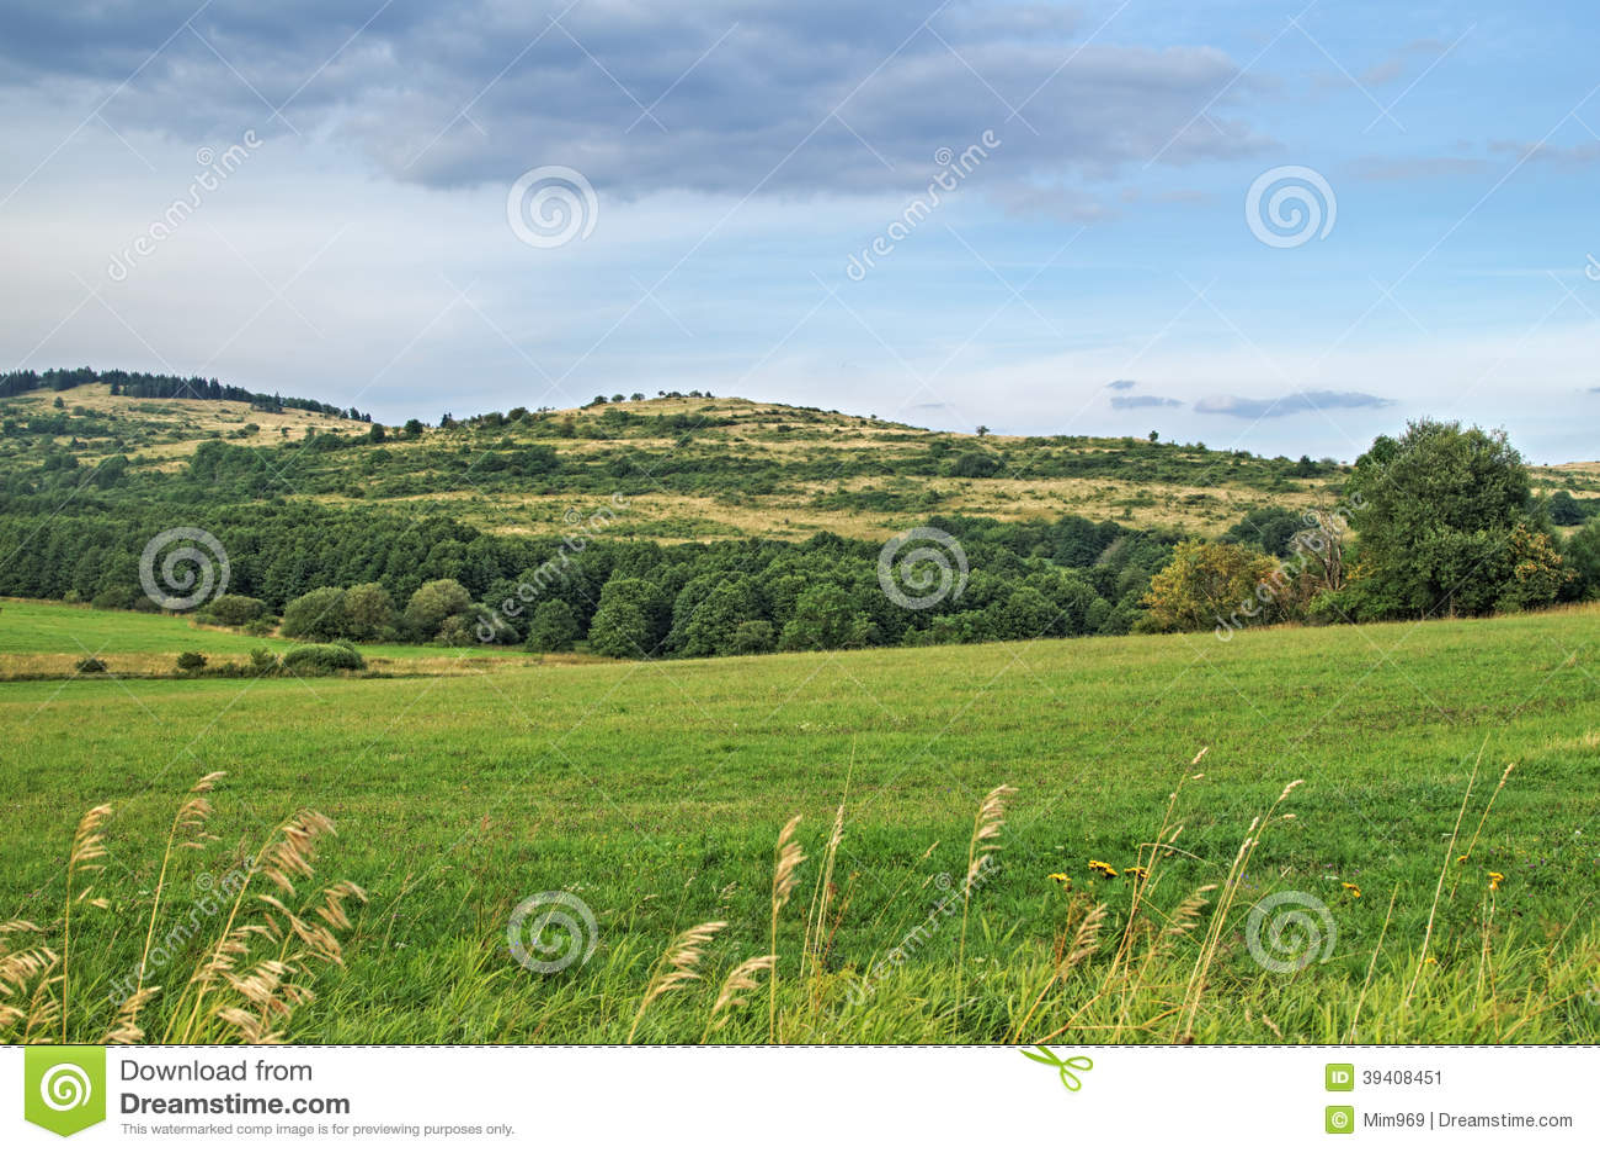 Τοπίο με τους πράσινους τομείς και τους λόφους που ευθυγραμμίζονται με τα φυλλώδη δέντρα